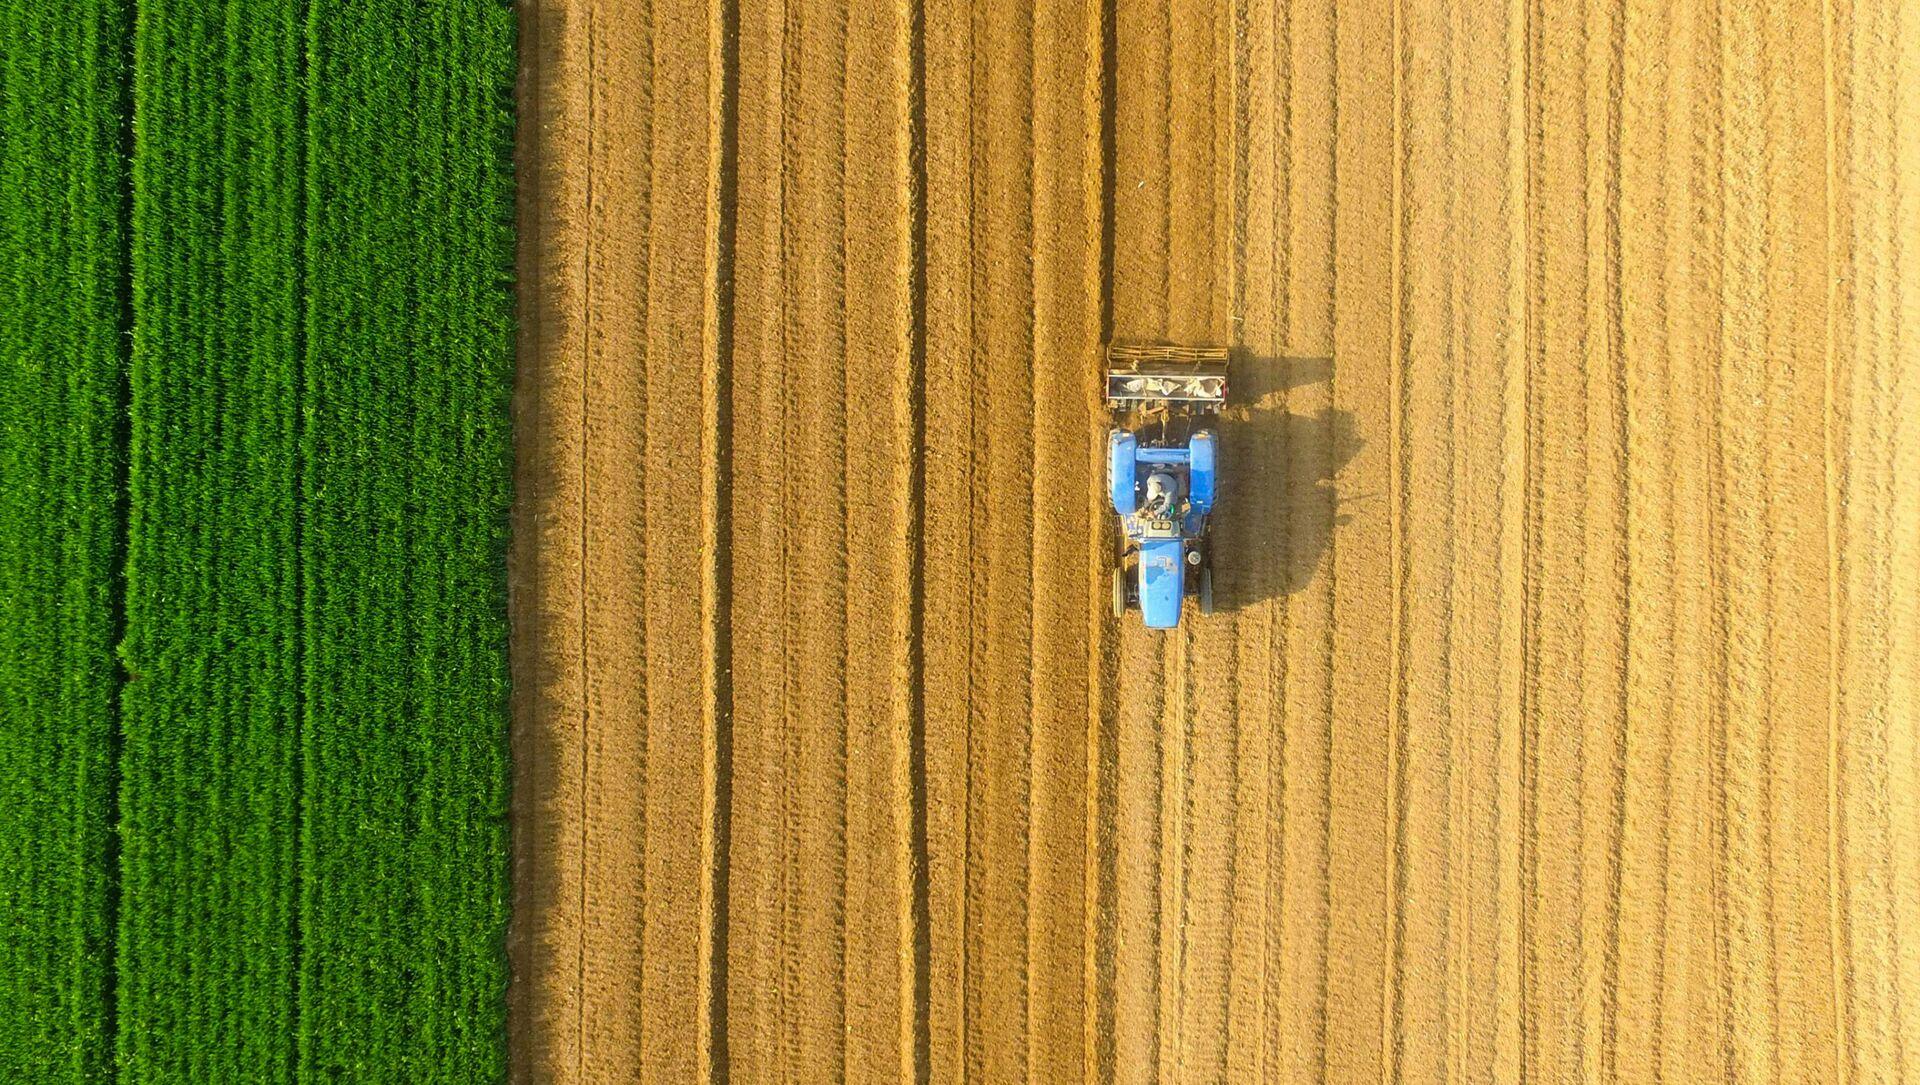 Трактор обрабатывает землю, фото из архива  - Sputnik Azərbaycan, 1920, 30.08.2021